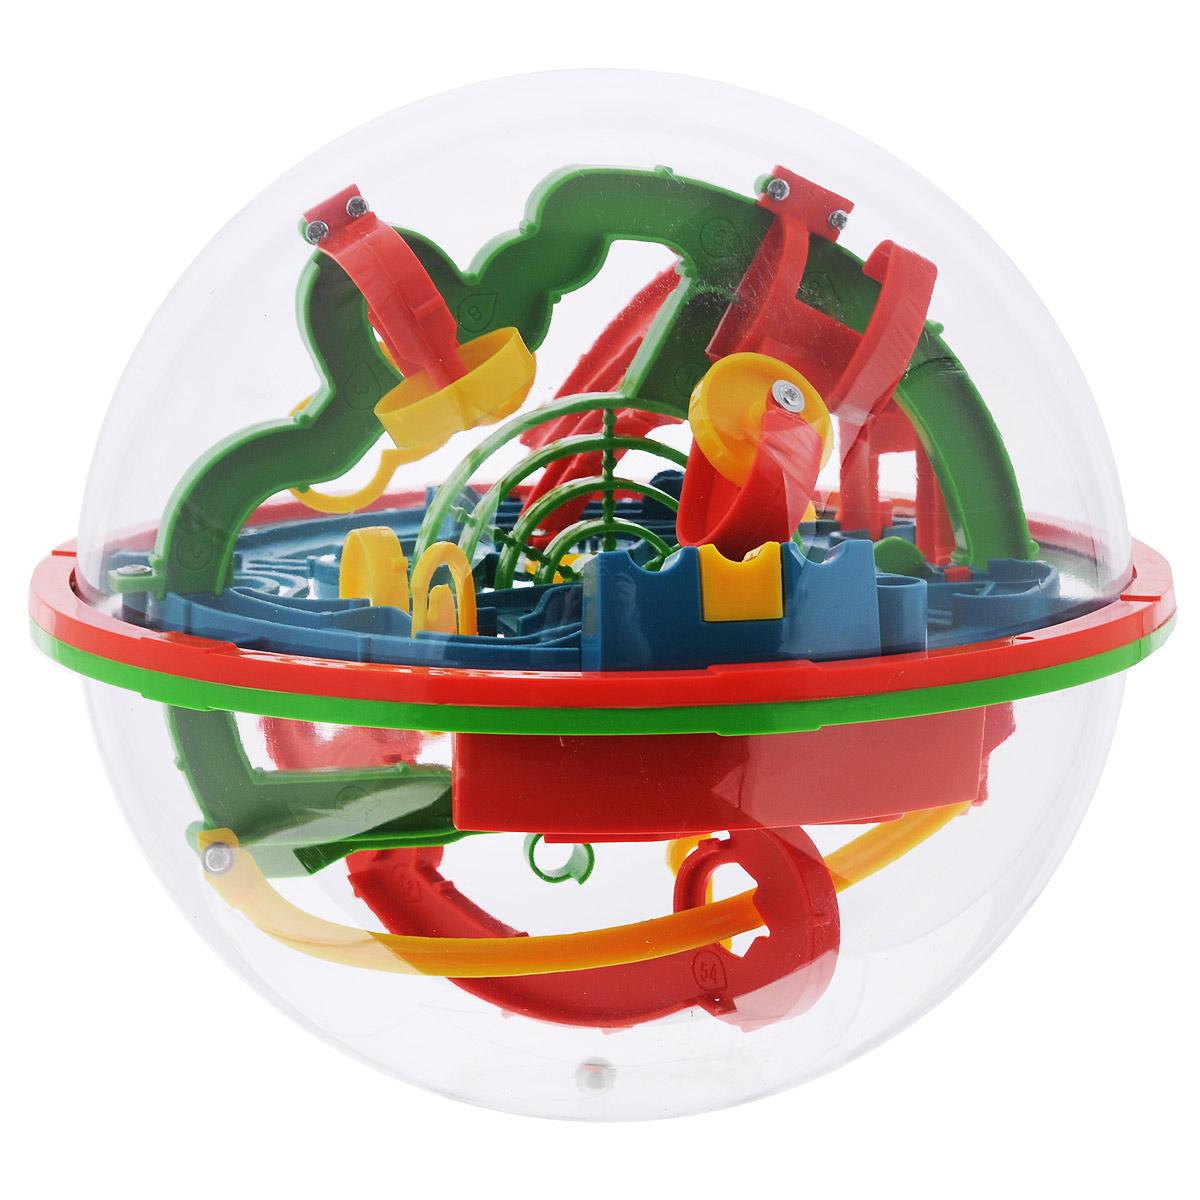 Игрушка-головоломка Bradex Шар-лабиринтDE 0033Игрушка-головоломка Bradex Шар-лабиринт понравится вашему ребенку и надолго займет его внимание. Она представляет собой прозрачную сферу, внутри которой проложен сложнейший лабиринт, который включает в себя множество переходов, барьеров, препятствий. Основная цель - путем вращения сферы необходимо провести металлический шарик по лабиринту, следуя нумерации, чтобы в итоге он попал в небольшое ведерко в центре сферы. Внутри головоломки есть около 100 препятствий, преодолеть которые совсем нелегко. Протяженность лабиринта - 7 метров! В отличие от привычных плоских лабиринтов, эта игрушка развивает пространственное мышление и видение, ведь шарик постоянно перемещается из одной плоскости в другую, рискуя на каждом этапе упасть, вынуждая начинать заново. Игрушка развивает у детей пространственное мышление, а также такие важные в современном мире качества, как моторика и усидчивость. Яркое и красочное оформление, безусловно, привлечет вашего ребенка к этой игрушке и вызовет...